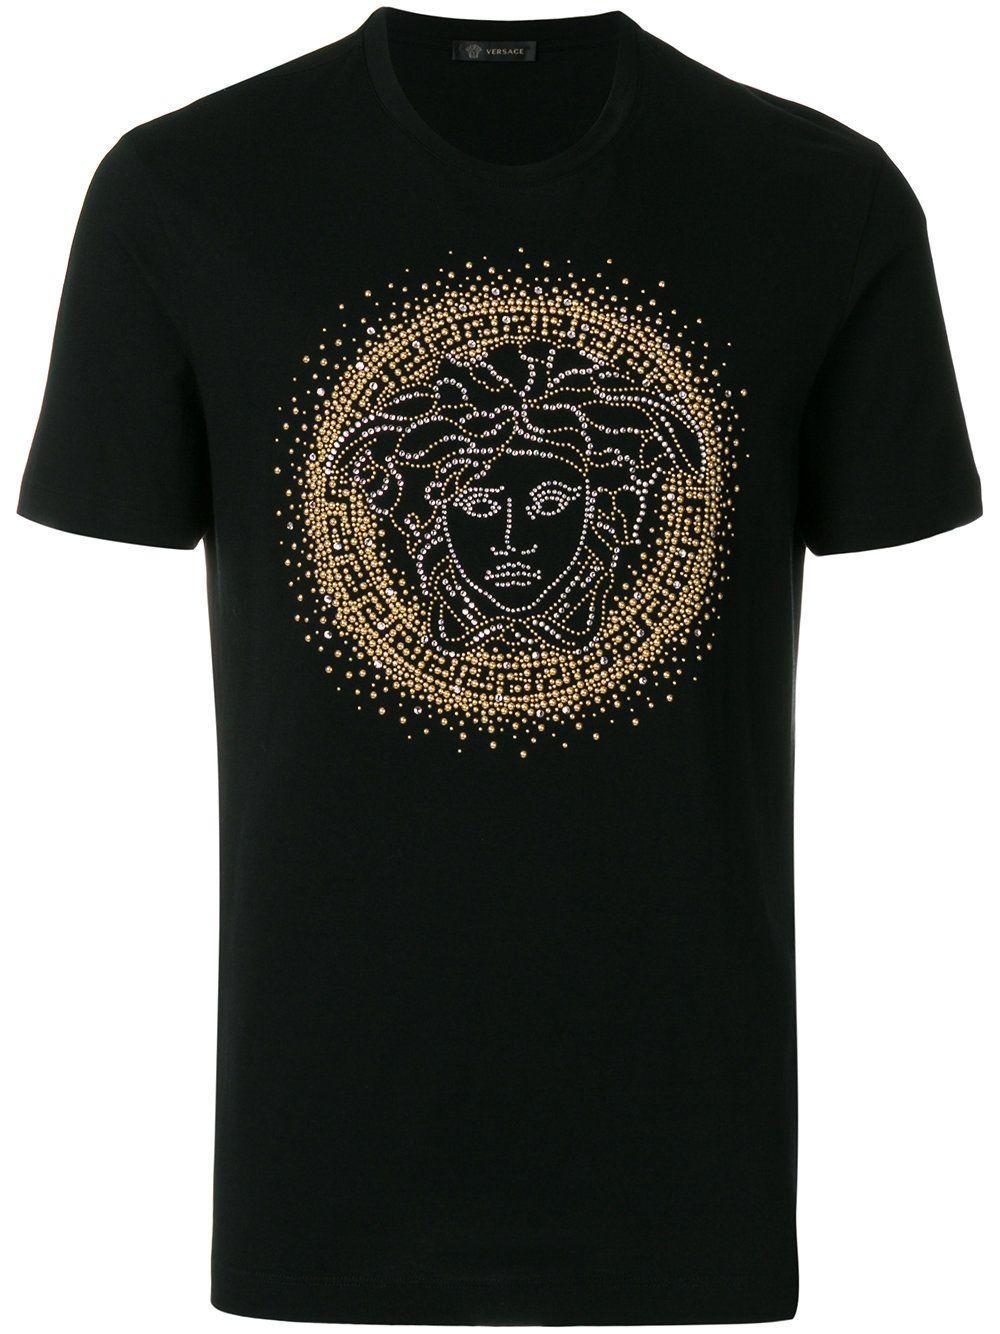 versace  cloth  . VERSACE .  versace  cloth   Camisetas ... 95bdb19328b